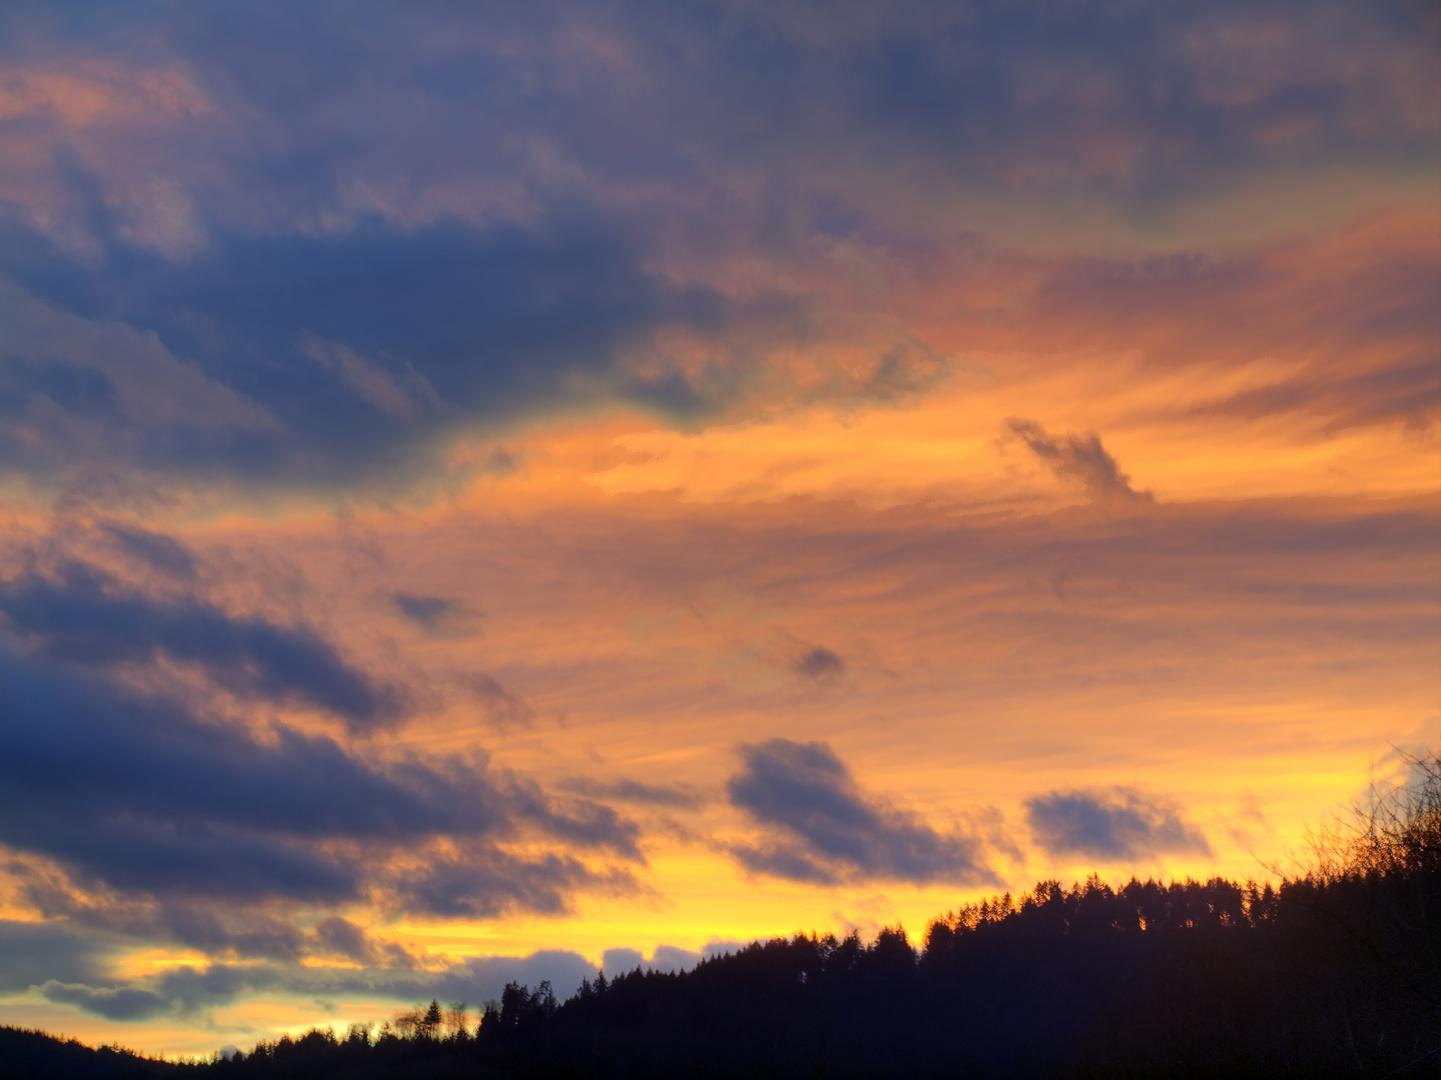 Le soir après la tempête du 26/02/10 - Der Abend nach dem Sturm am 26.02.10